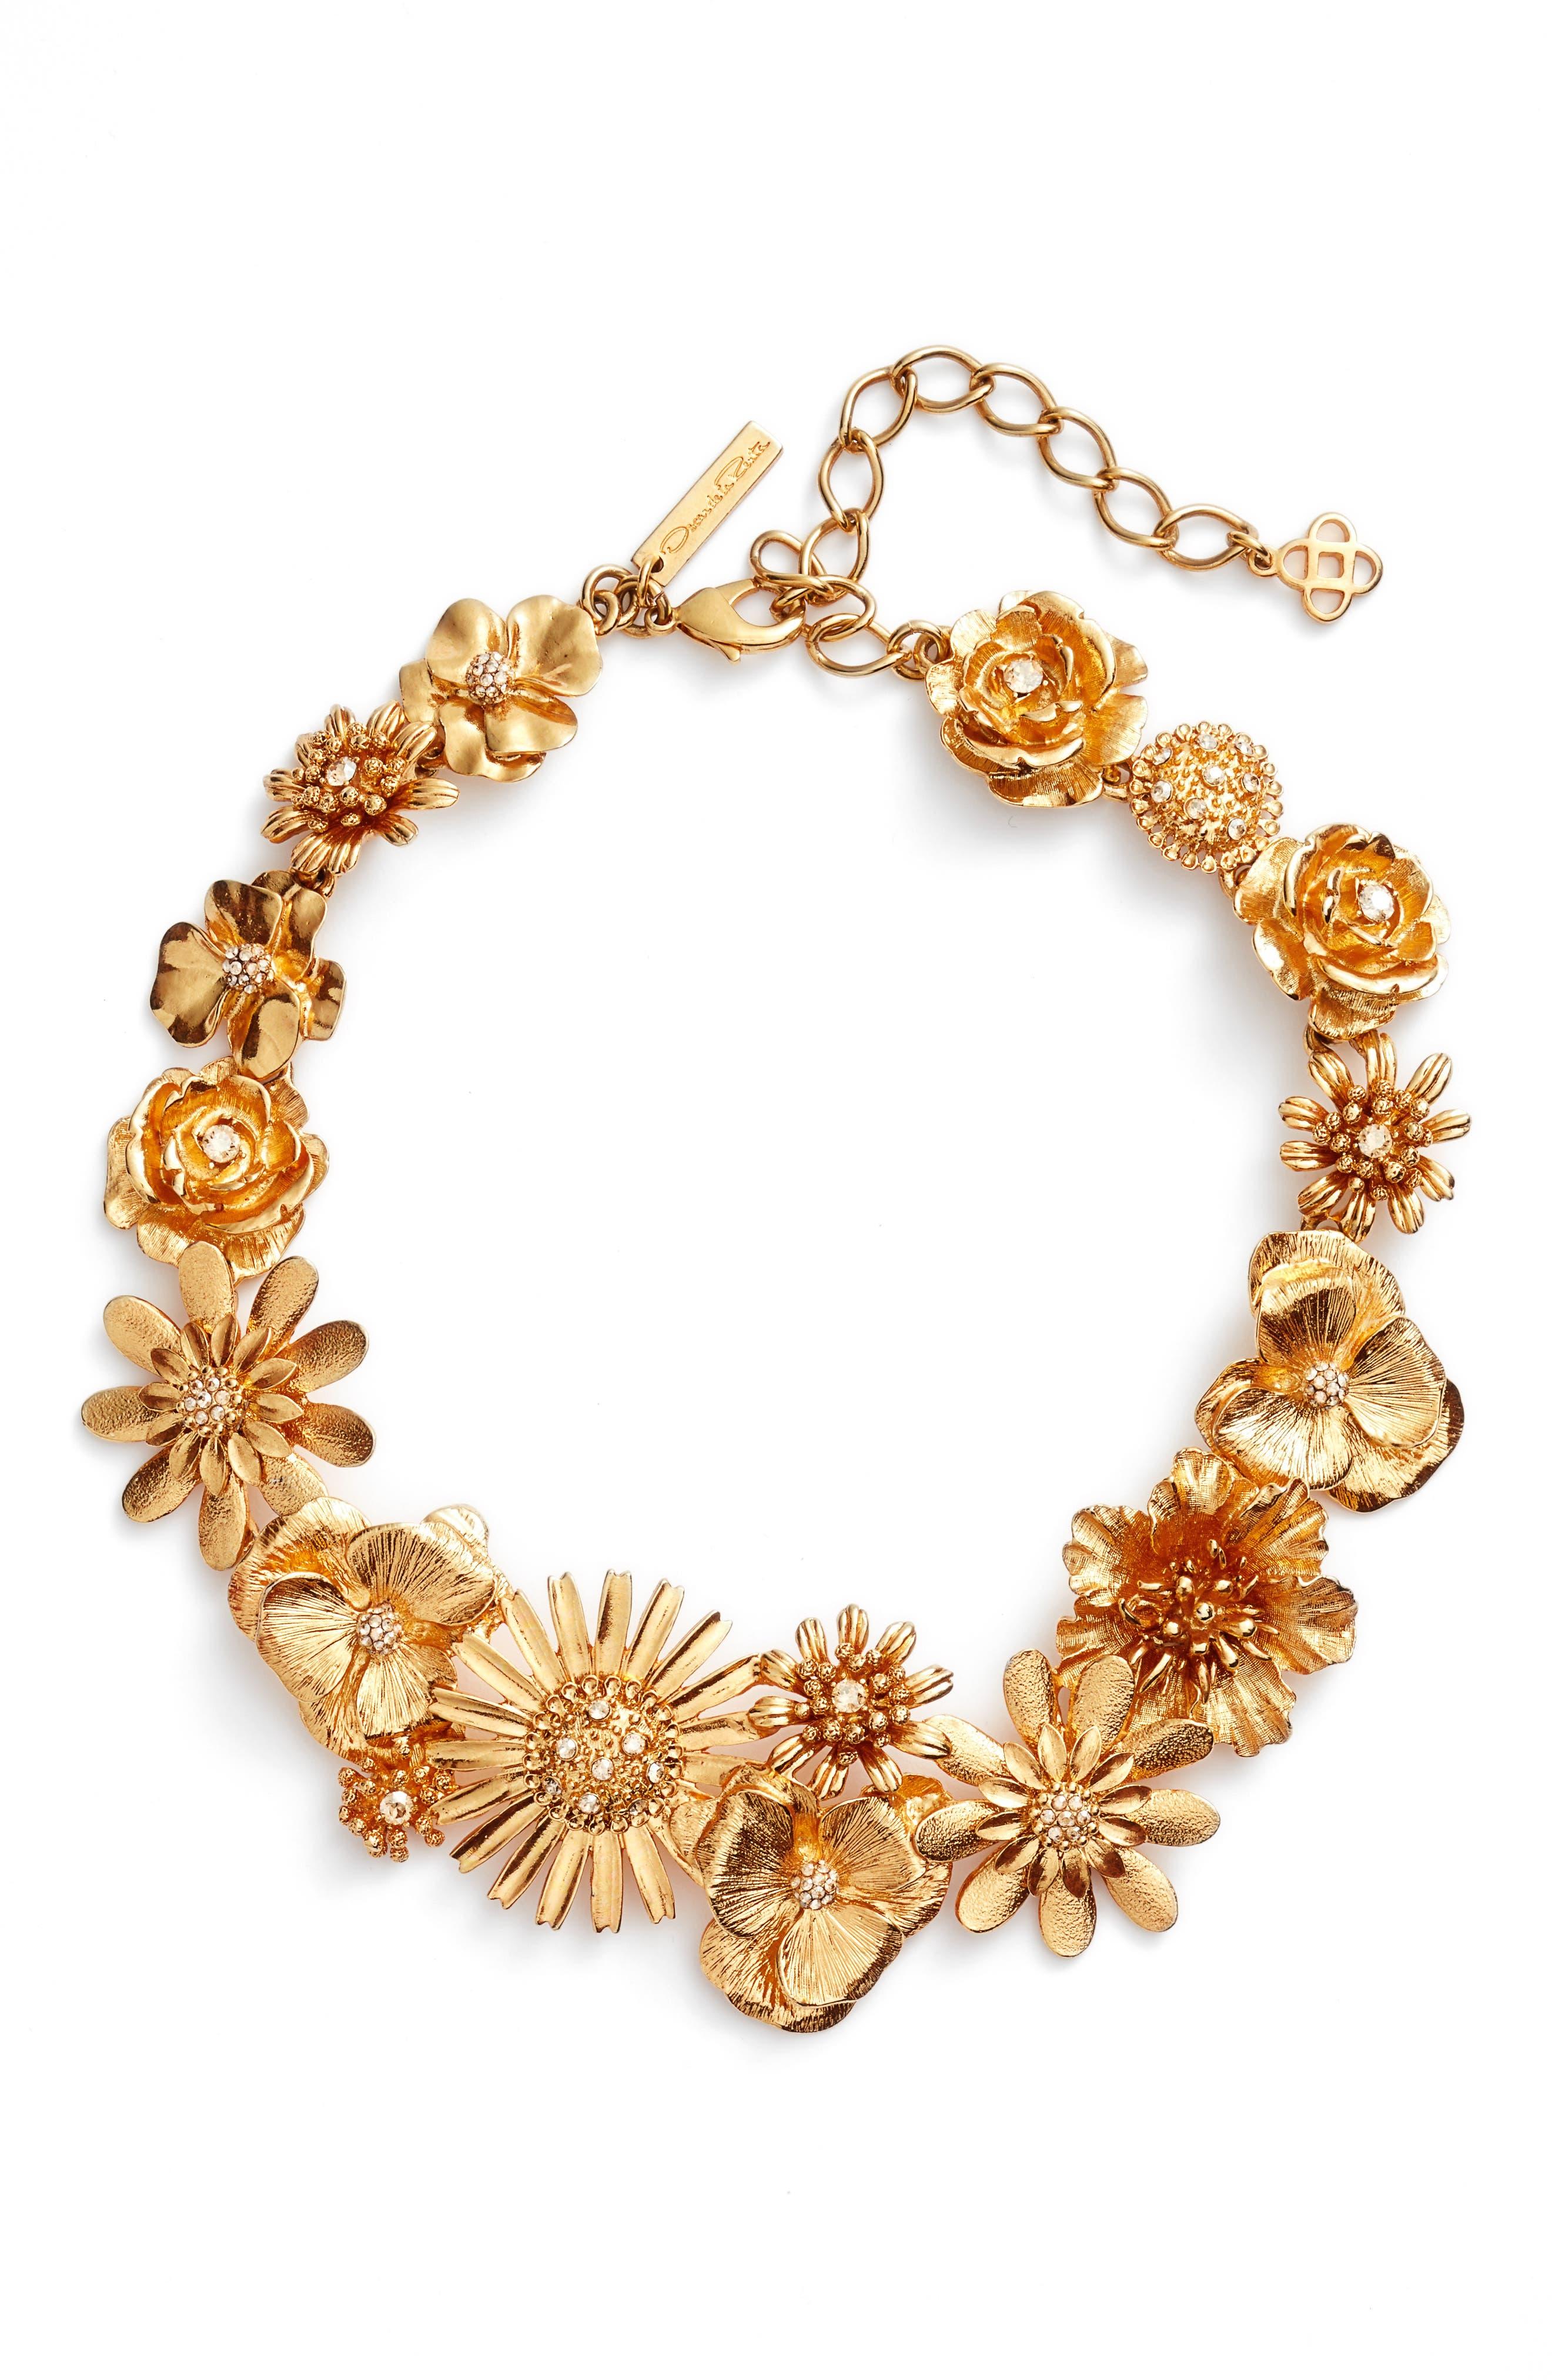 Oscar de la Renta Gilded Floral Collar Necklace